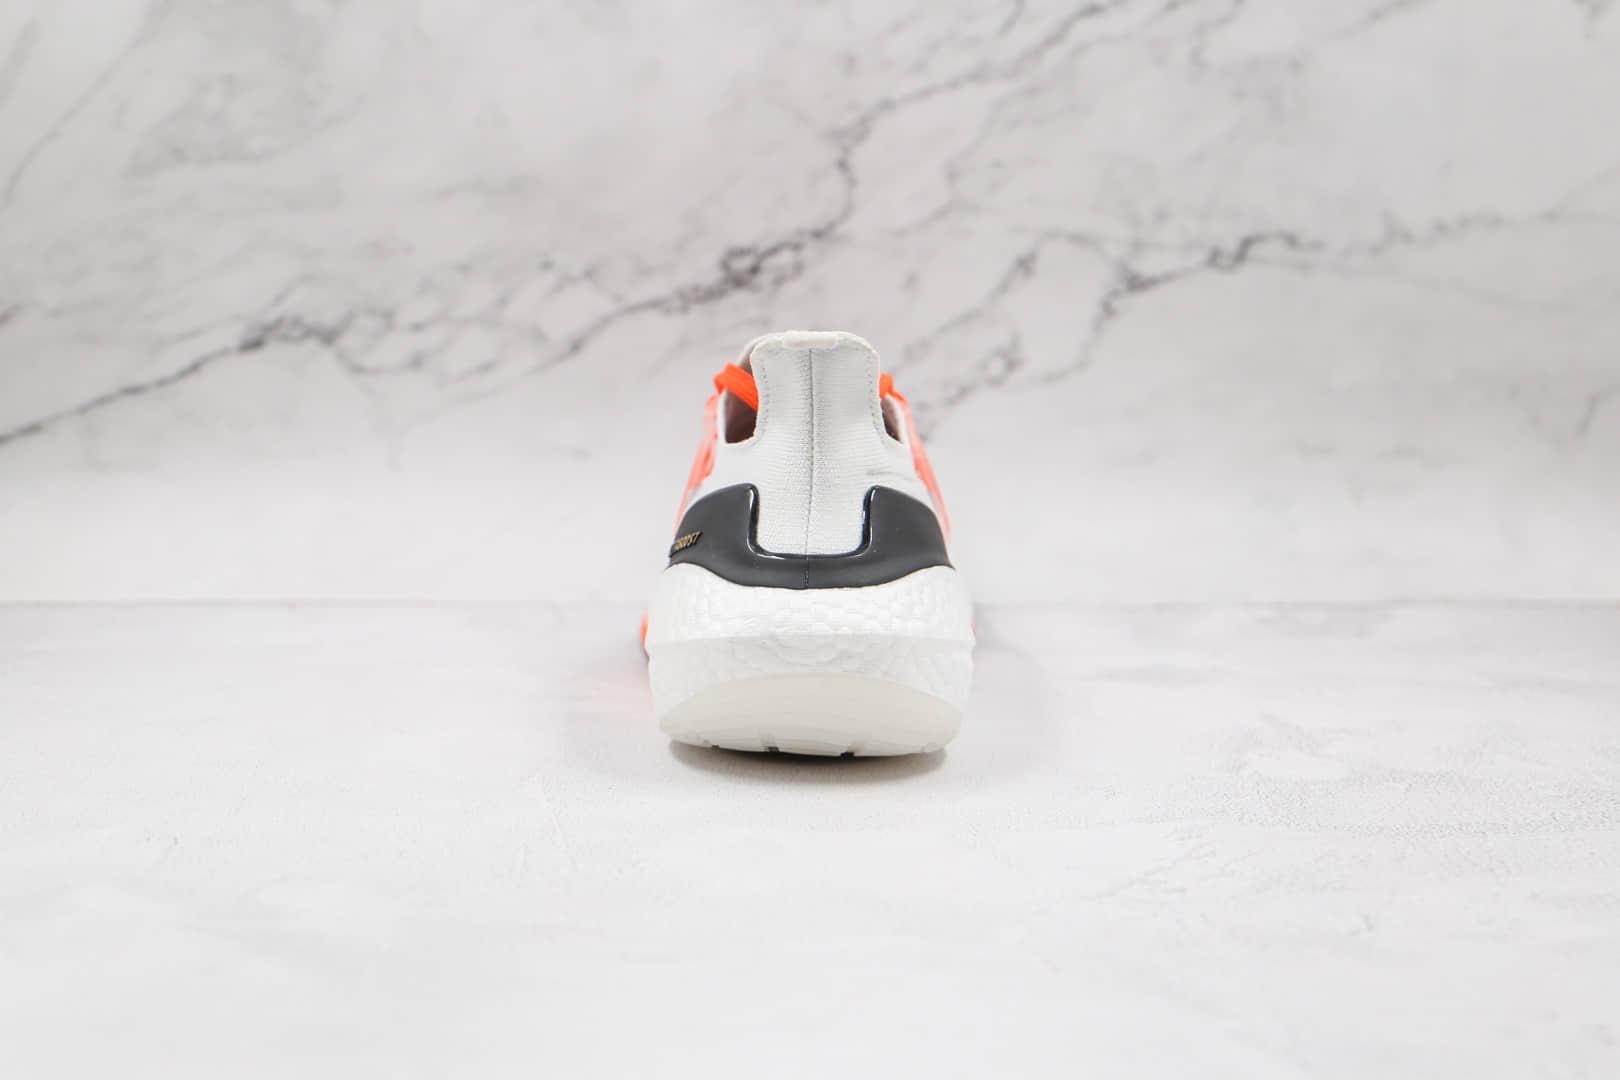 阿迪达斯adidas ultra boost 2021纯原版本UB7.0灰橙色爆米花跑鞋原档案数据开发 货号:FY0375